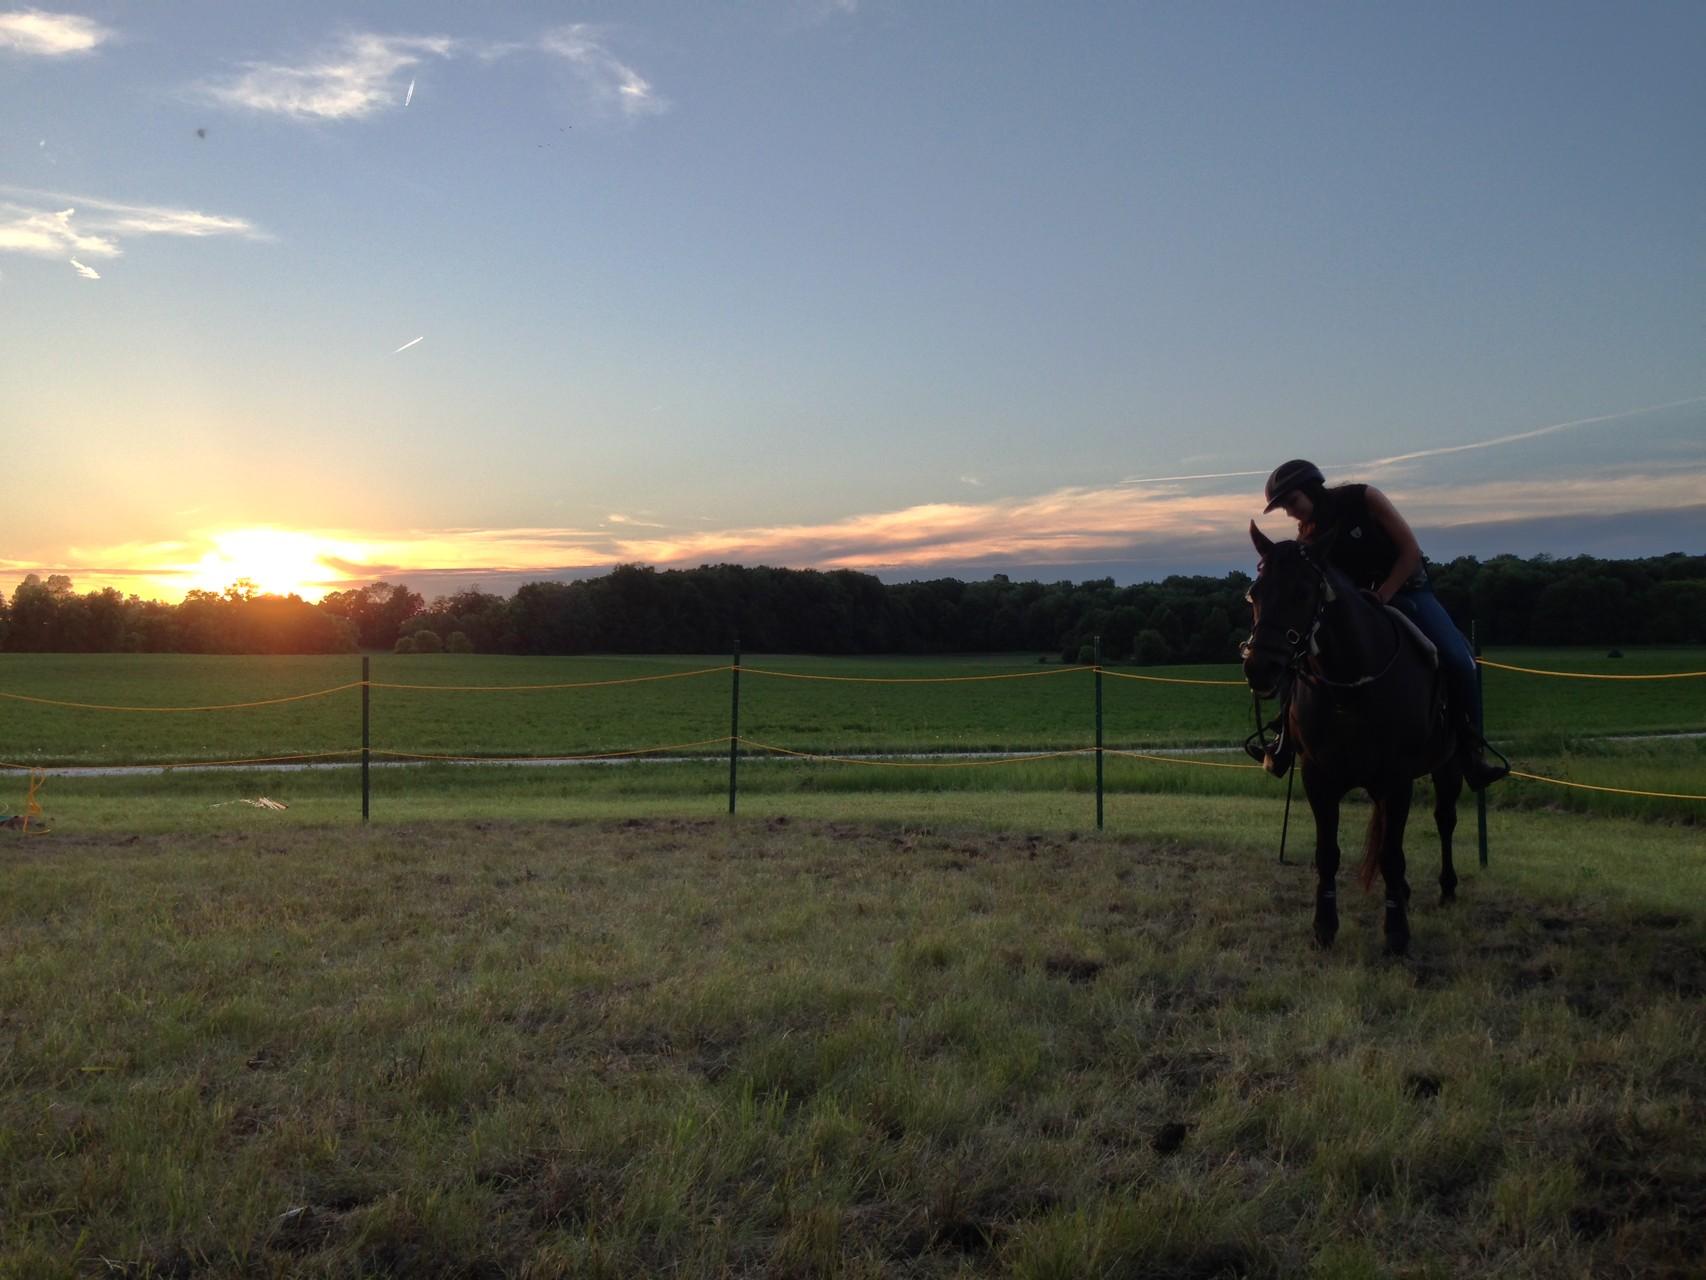 First rider